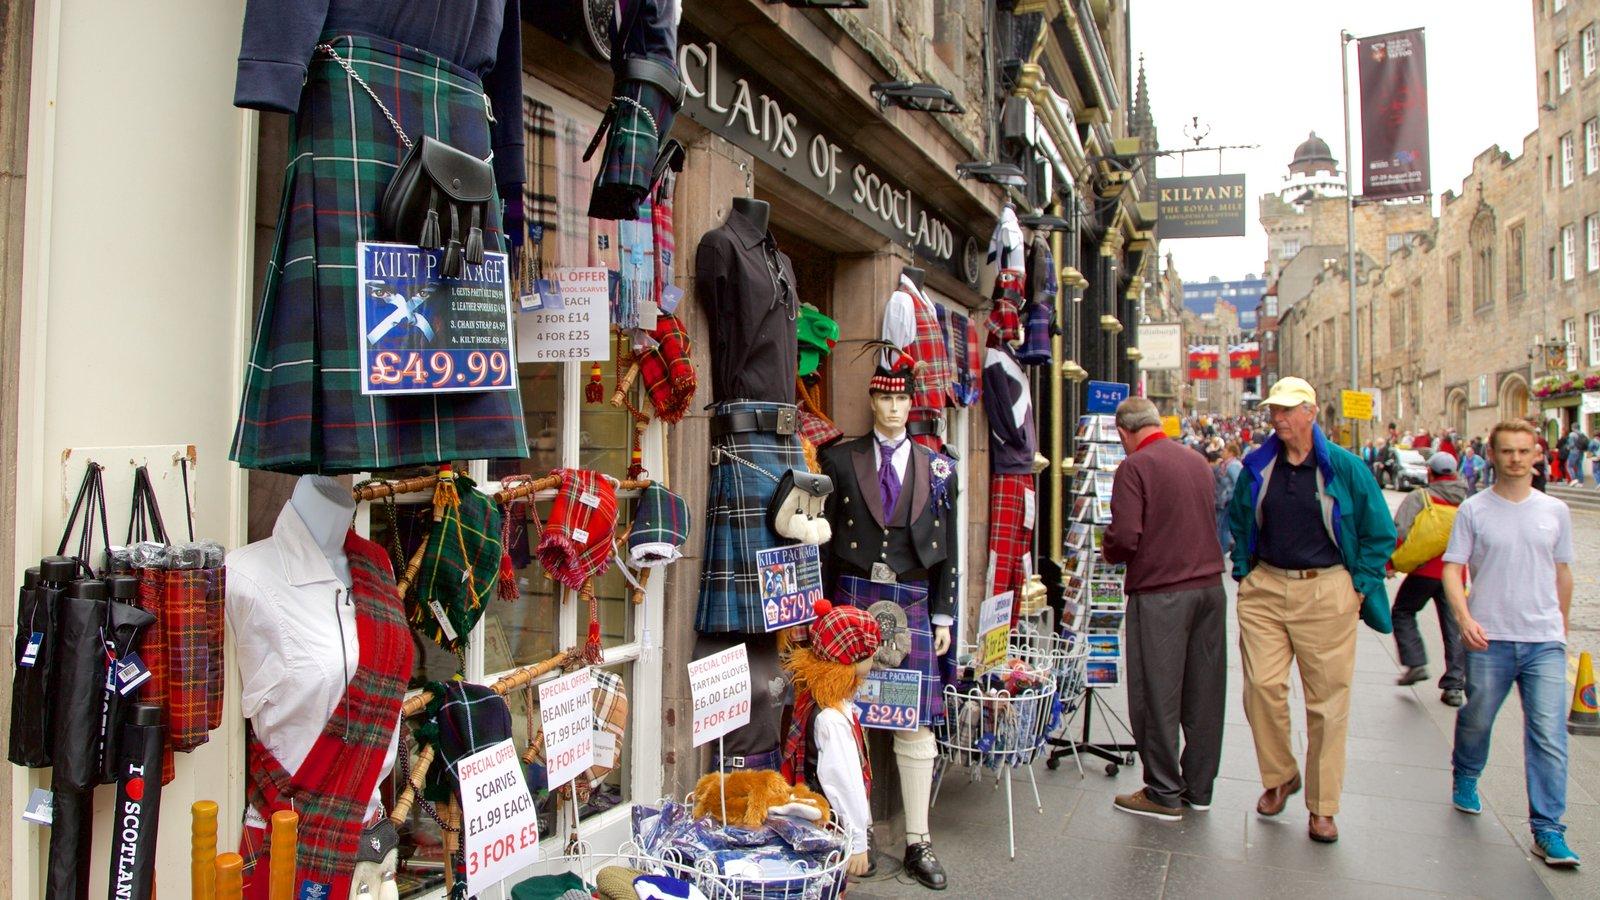 Old Town que incluye compras y escenas urbanas y también un gran grupo de personas